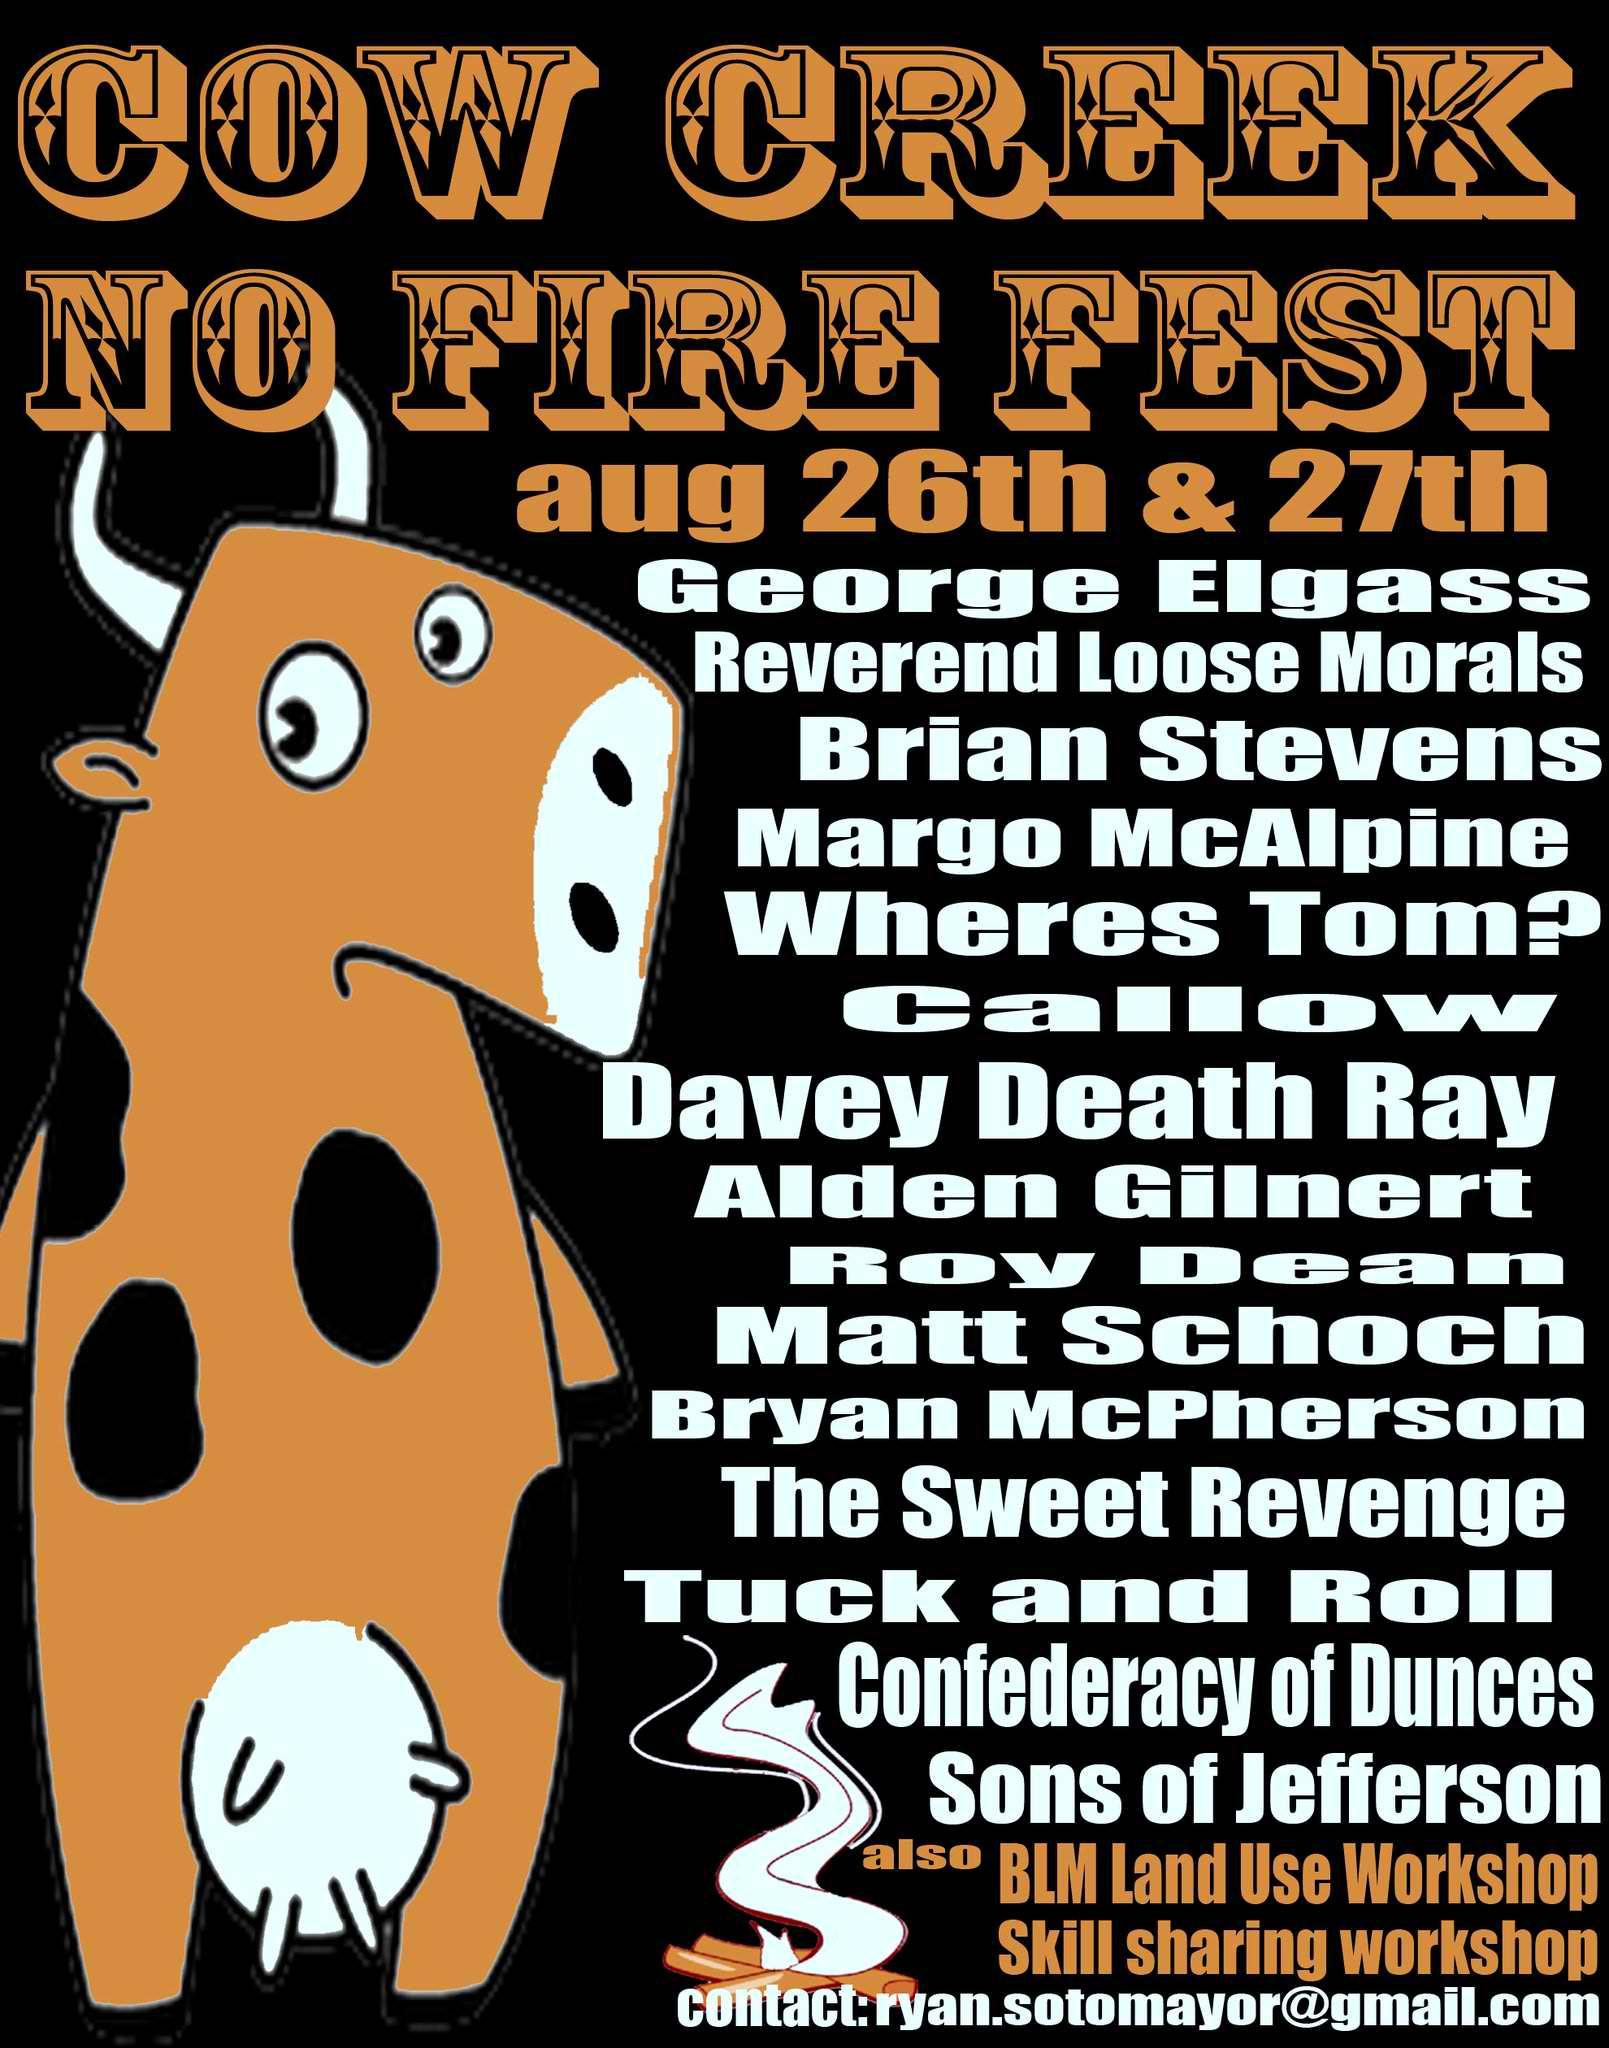 forest fest poster, aug 2011.jpg